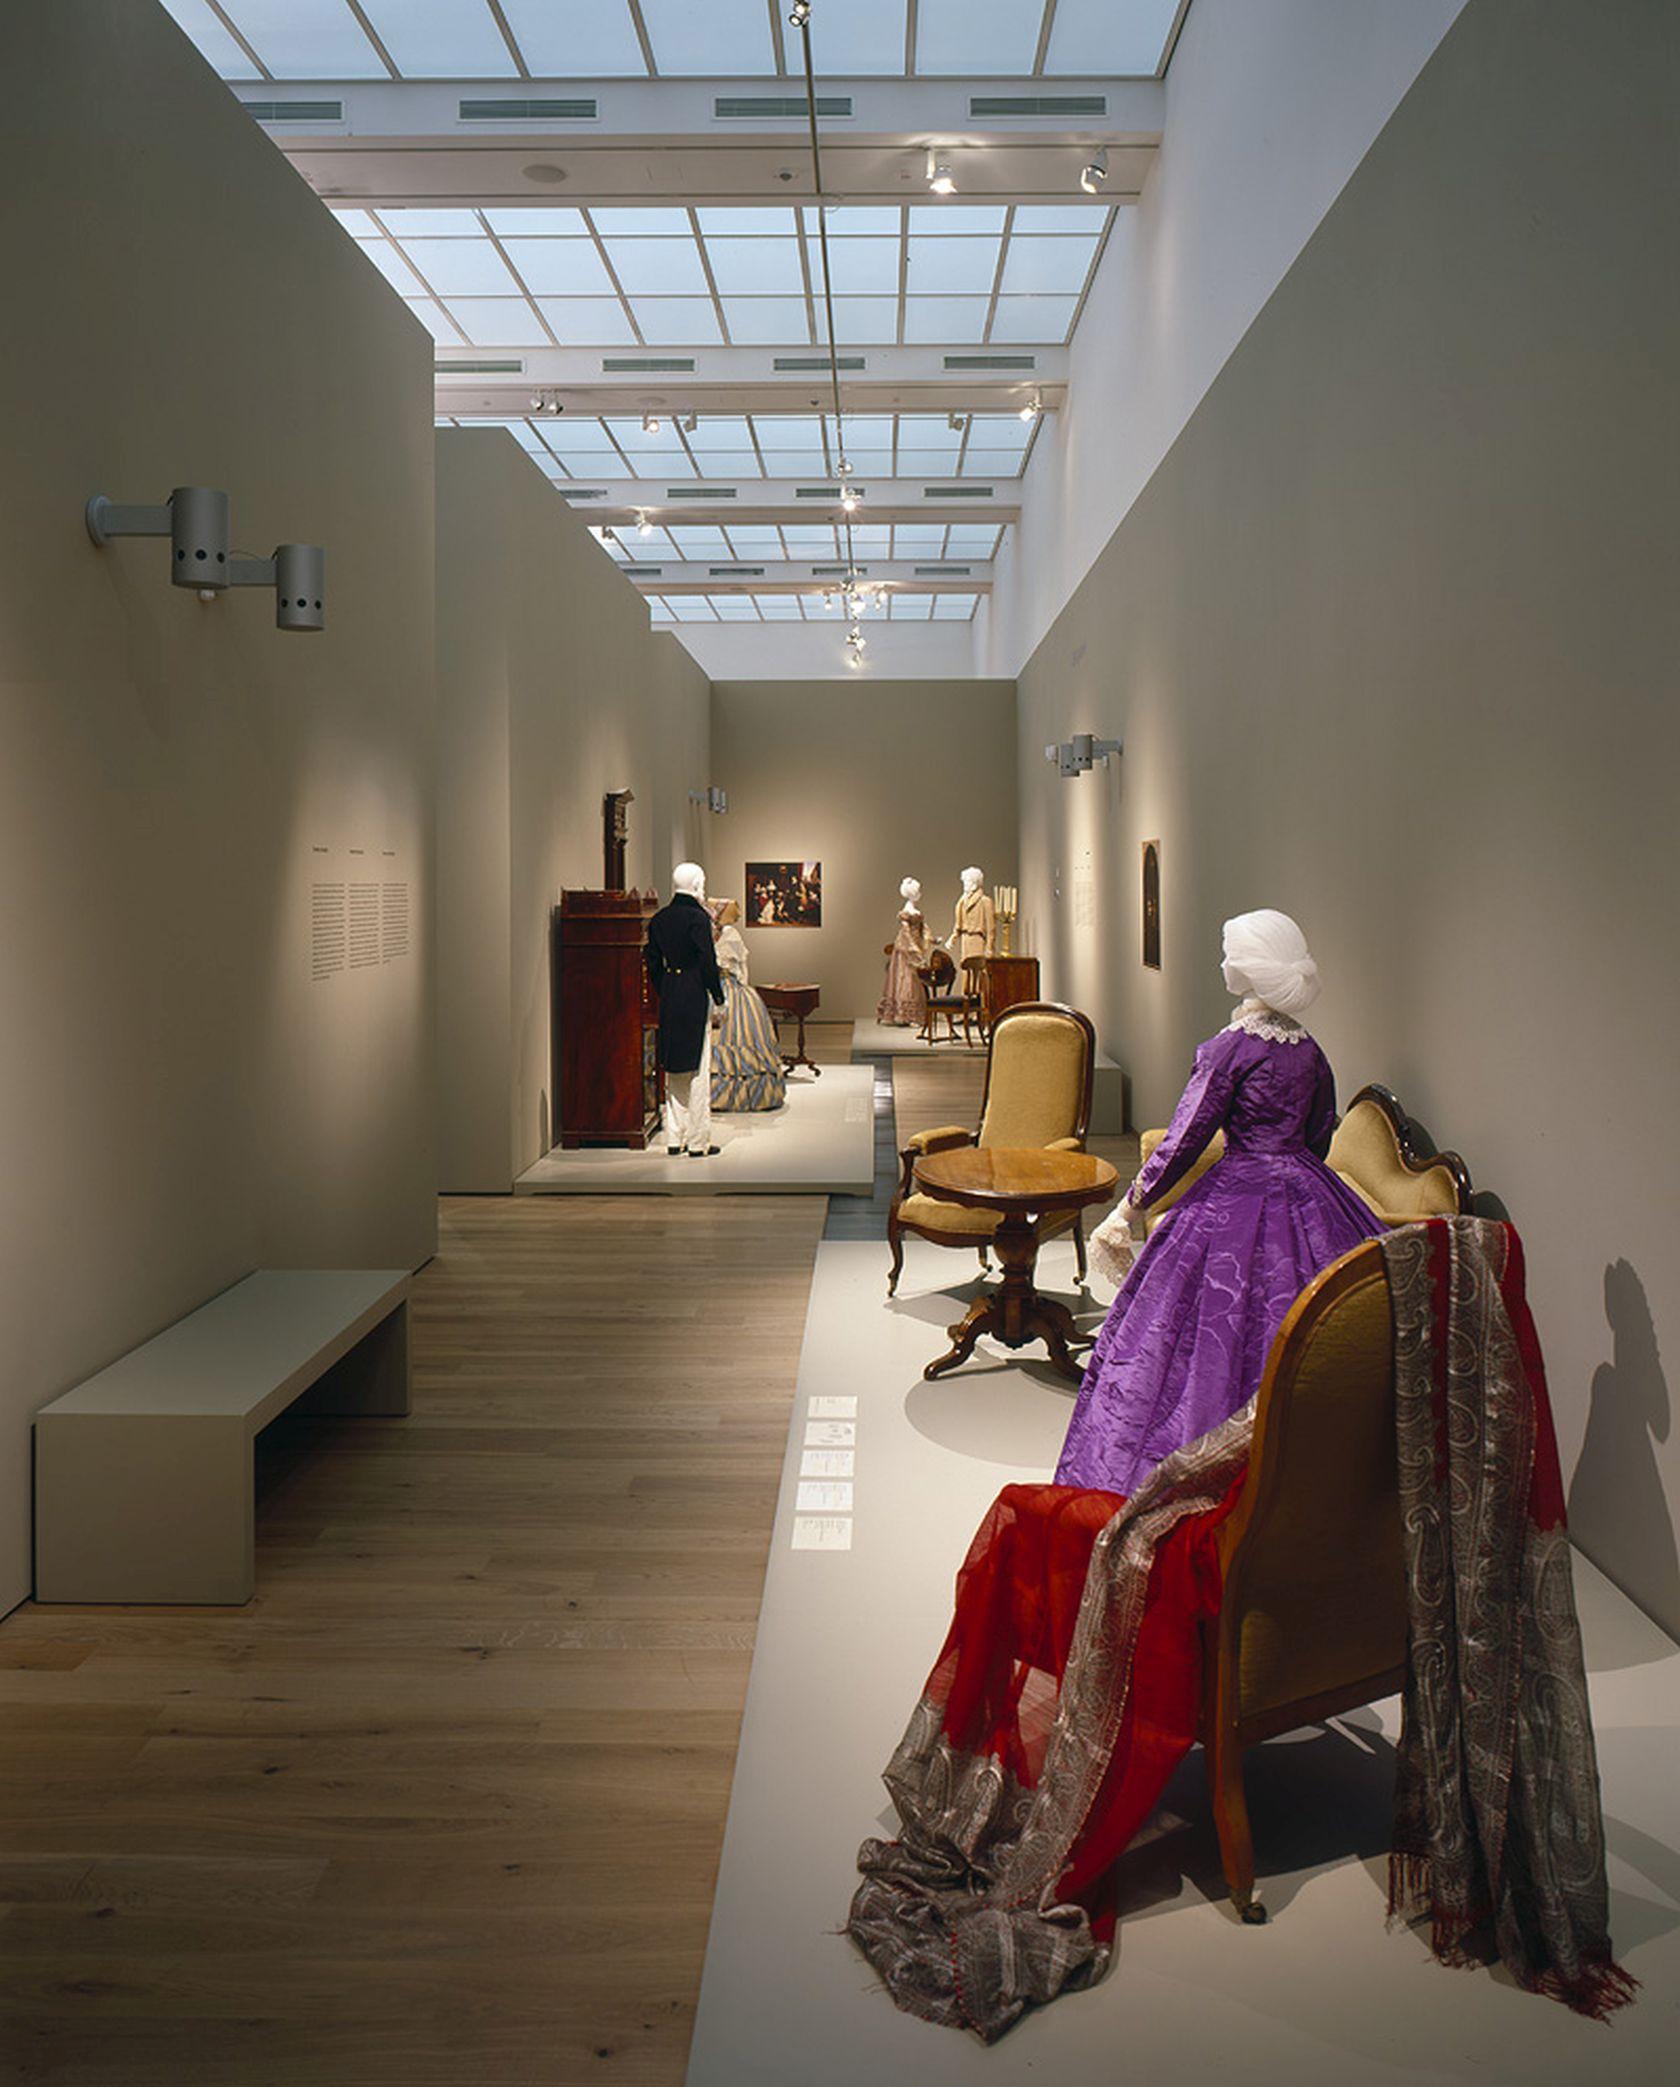 Ausstellung DRAI CLEMENS UND AUGUST-001